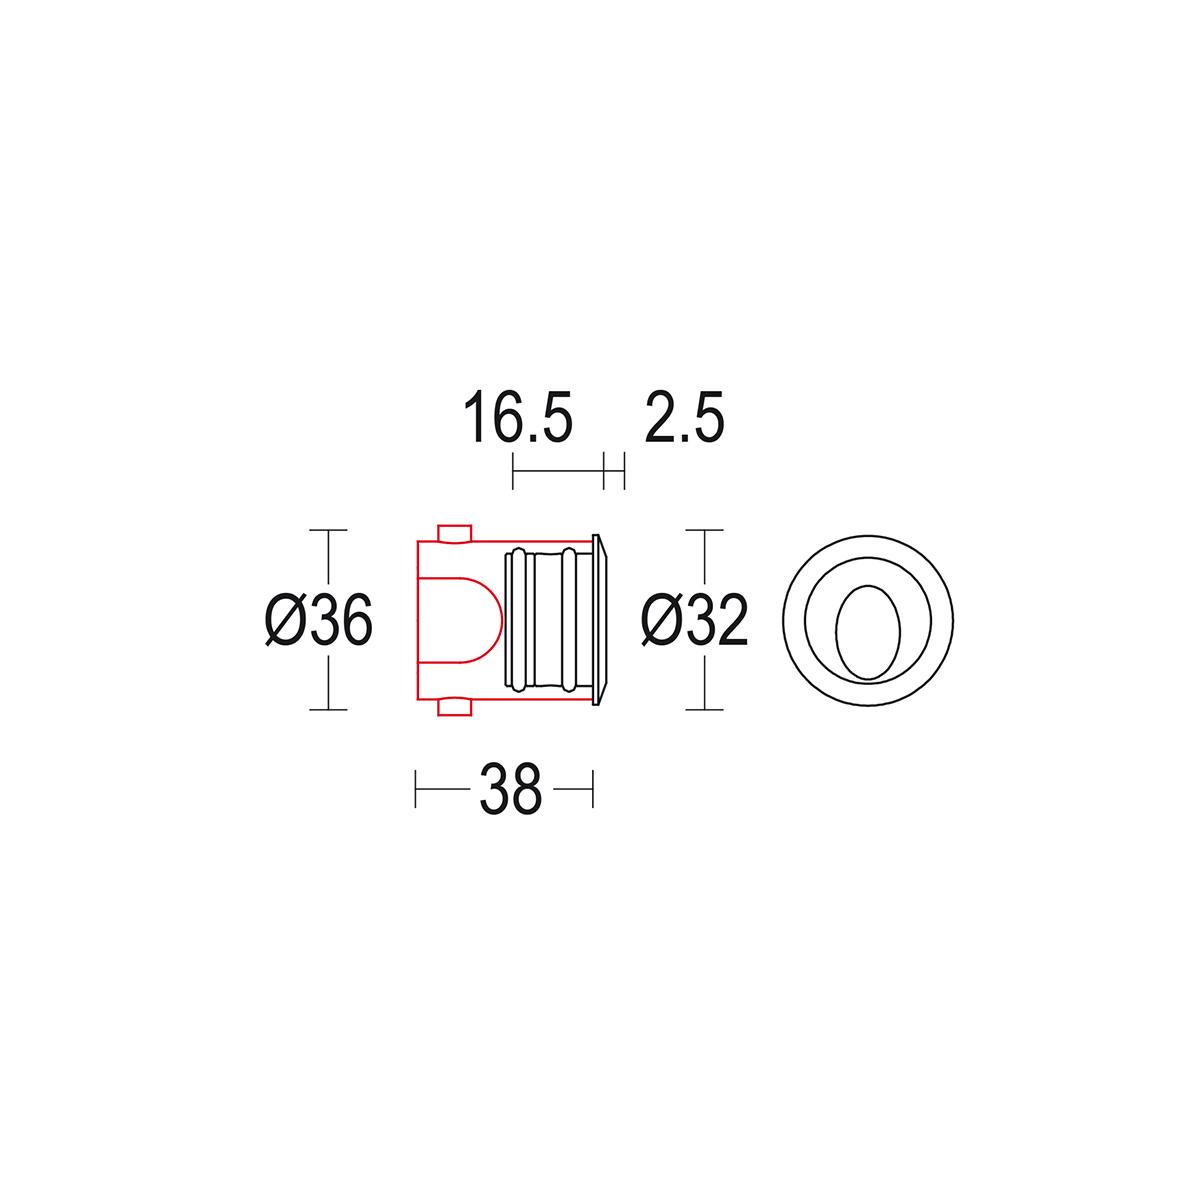 чертеж Microsegno AS 32 Ghidini уличный светильник GH1436.BAXO300EC